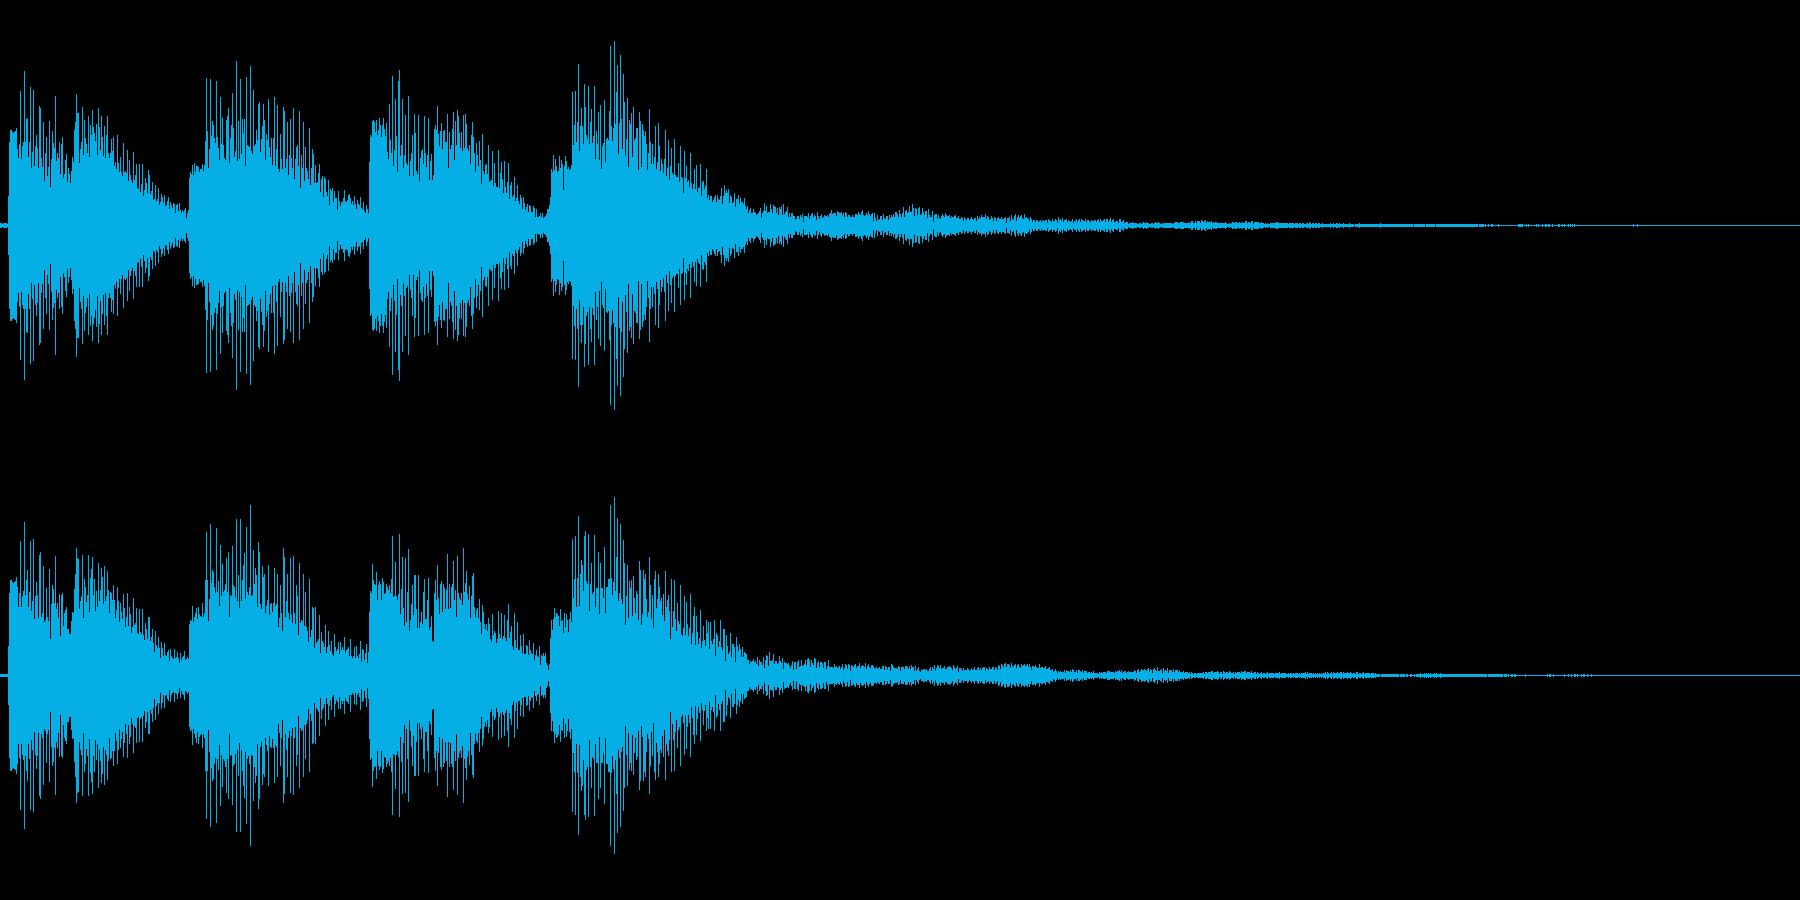 警告音(不協和音)の再生済みの波形